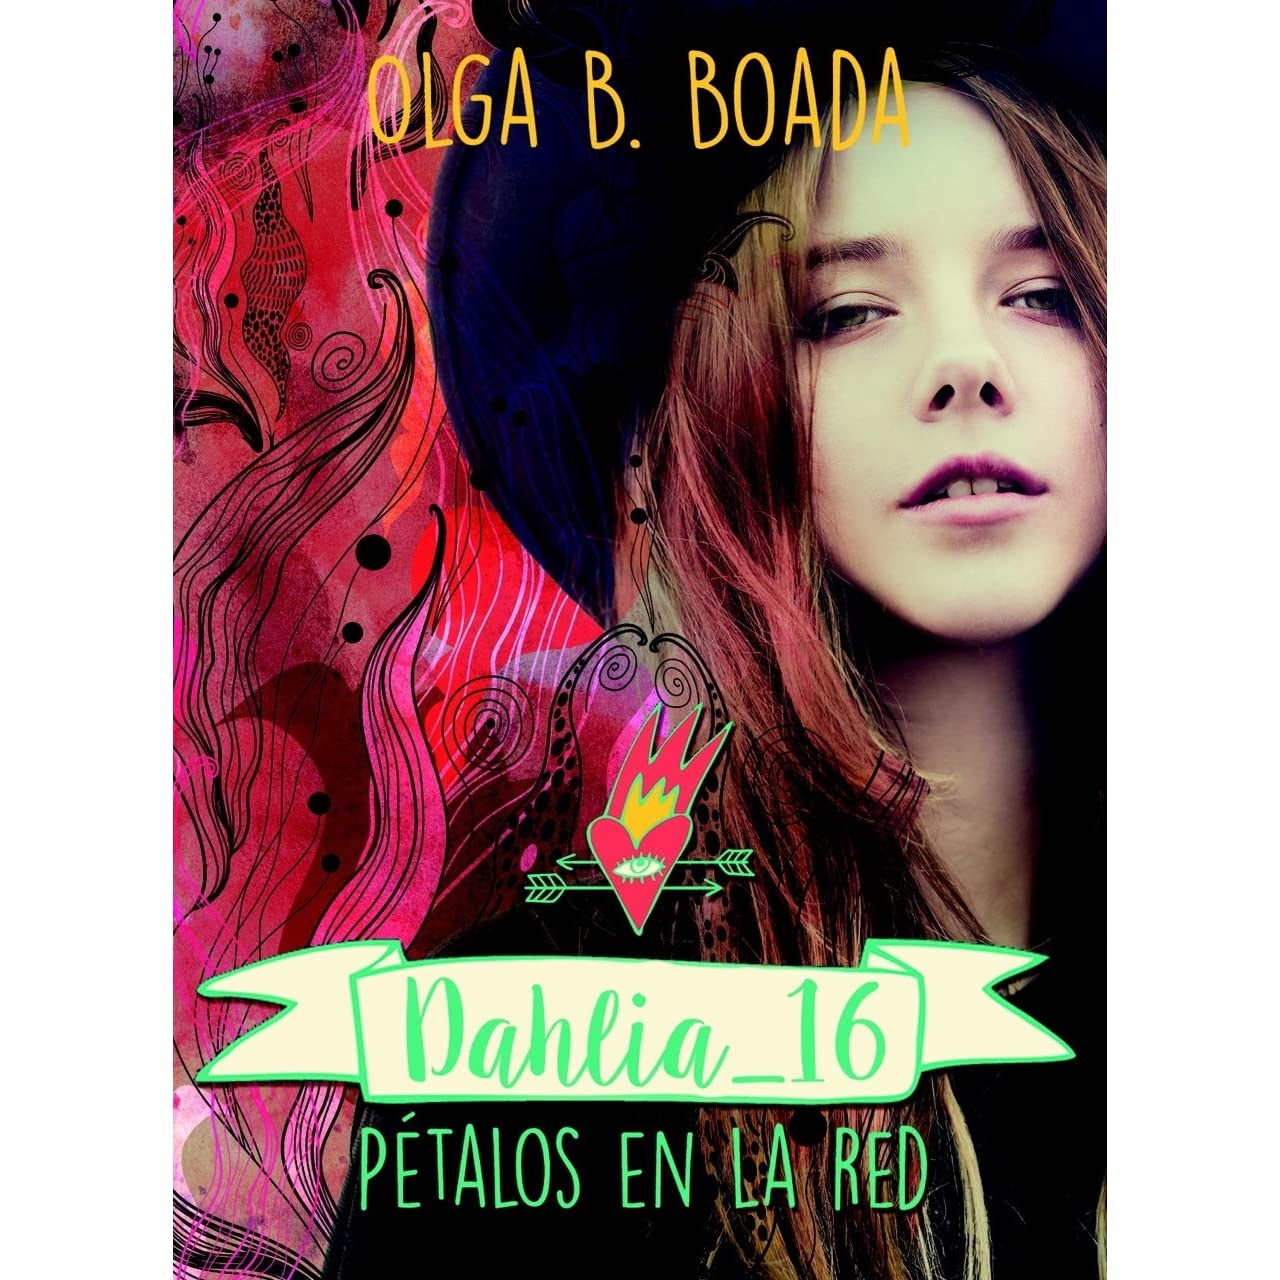 dhalia-16-Olga-b-Boada-tareas-veraniegas-libros-que-leer-sagas-autoconclusivos-recomendaciones-interesantes-literatura-blogs-blogger